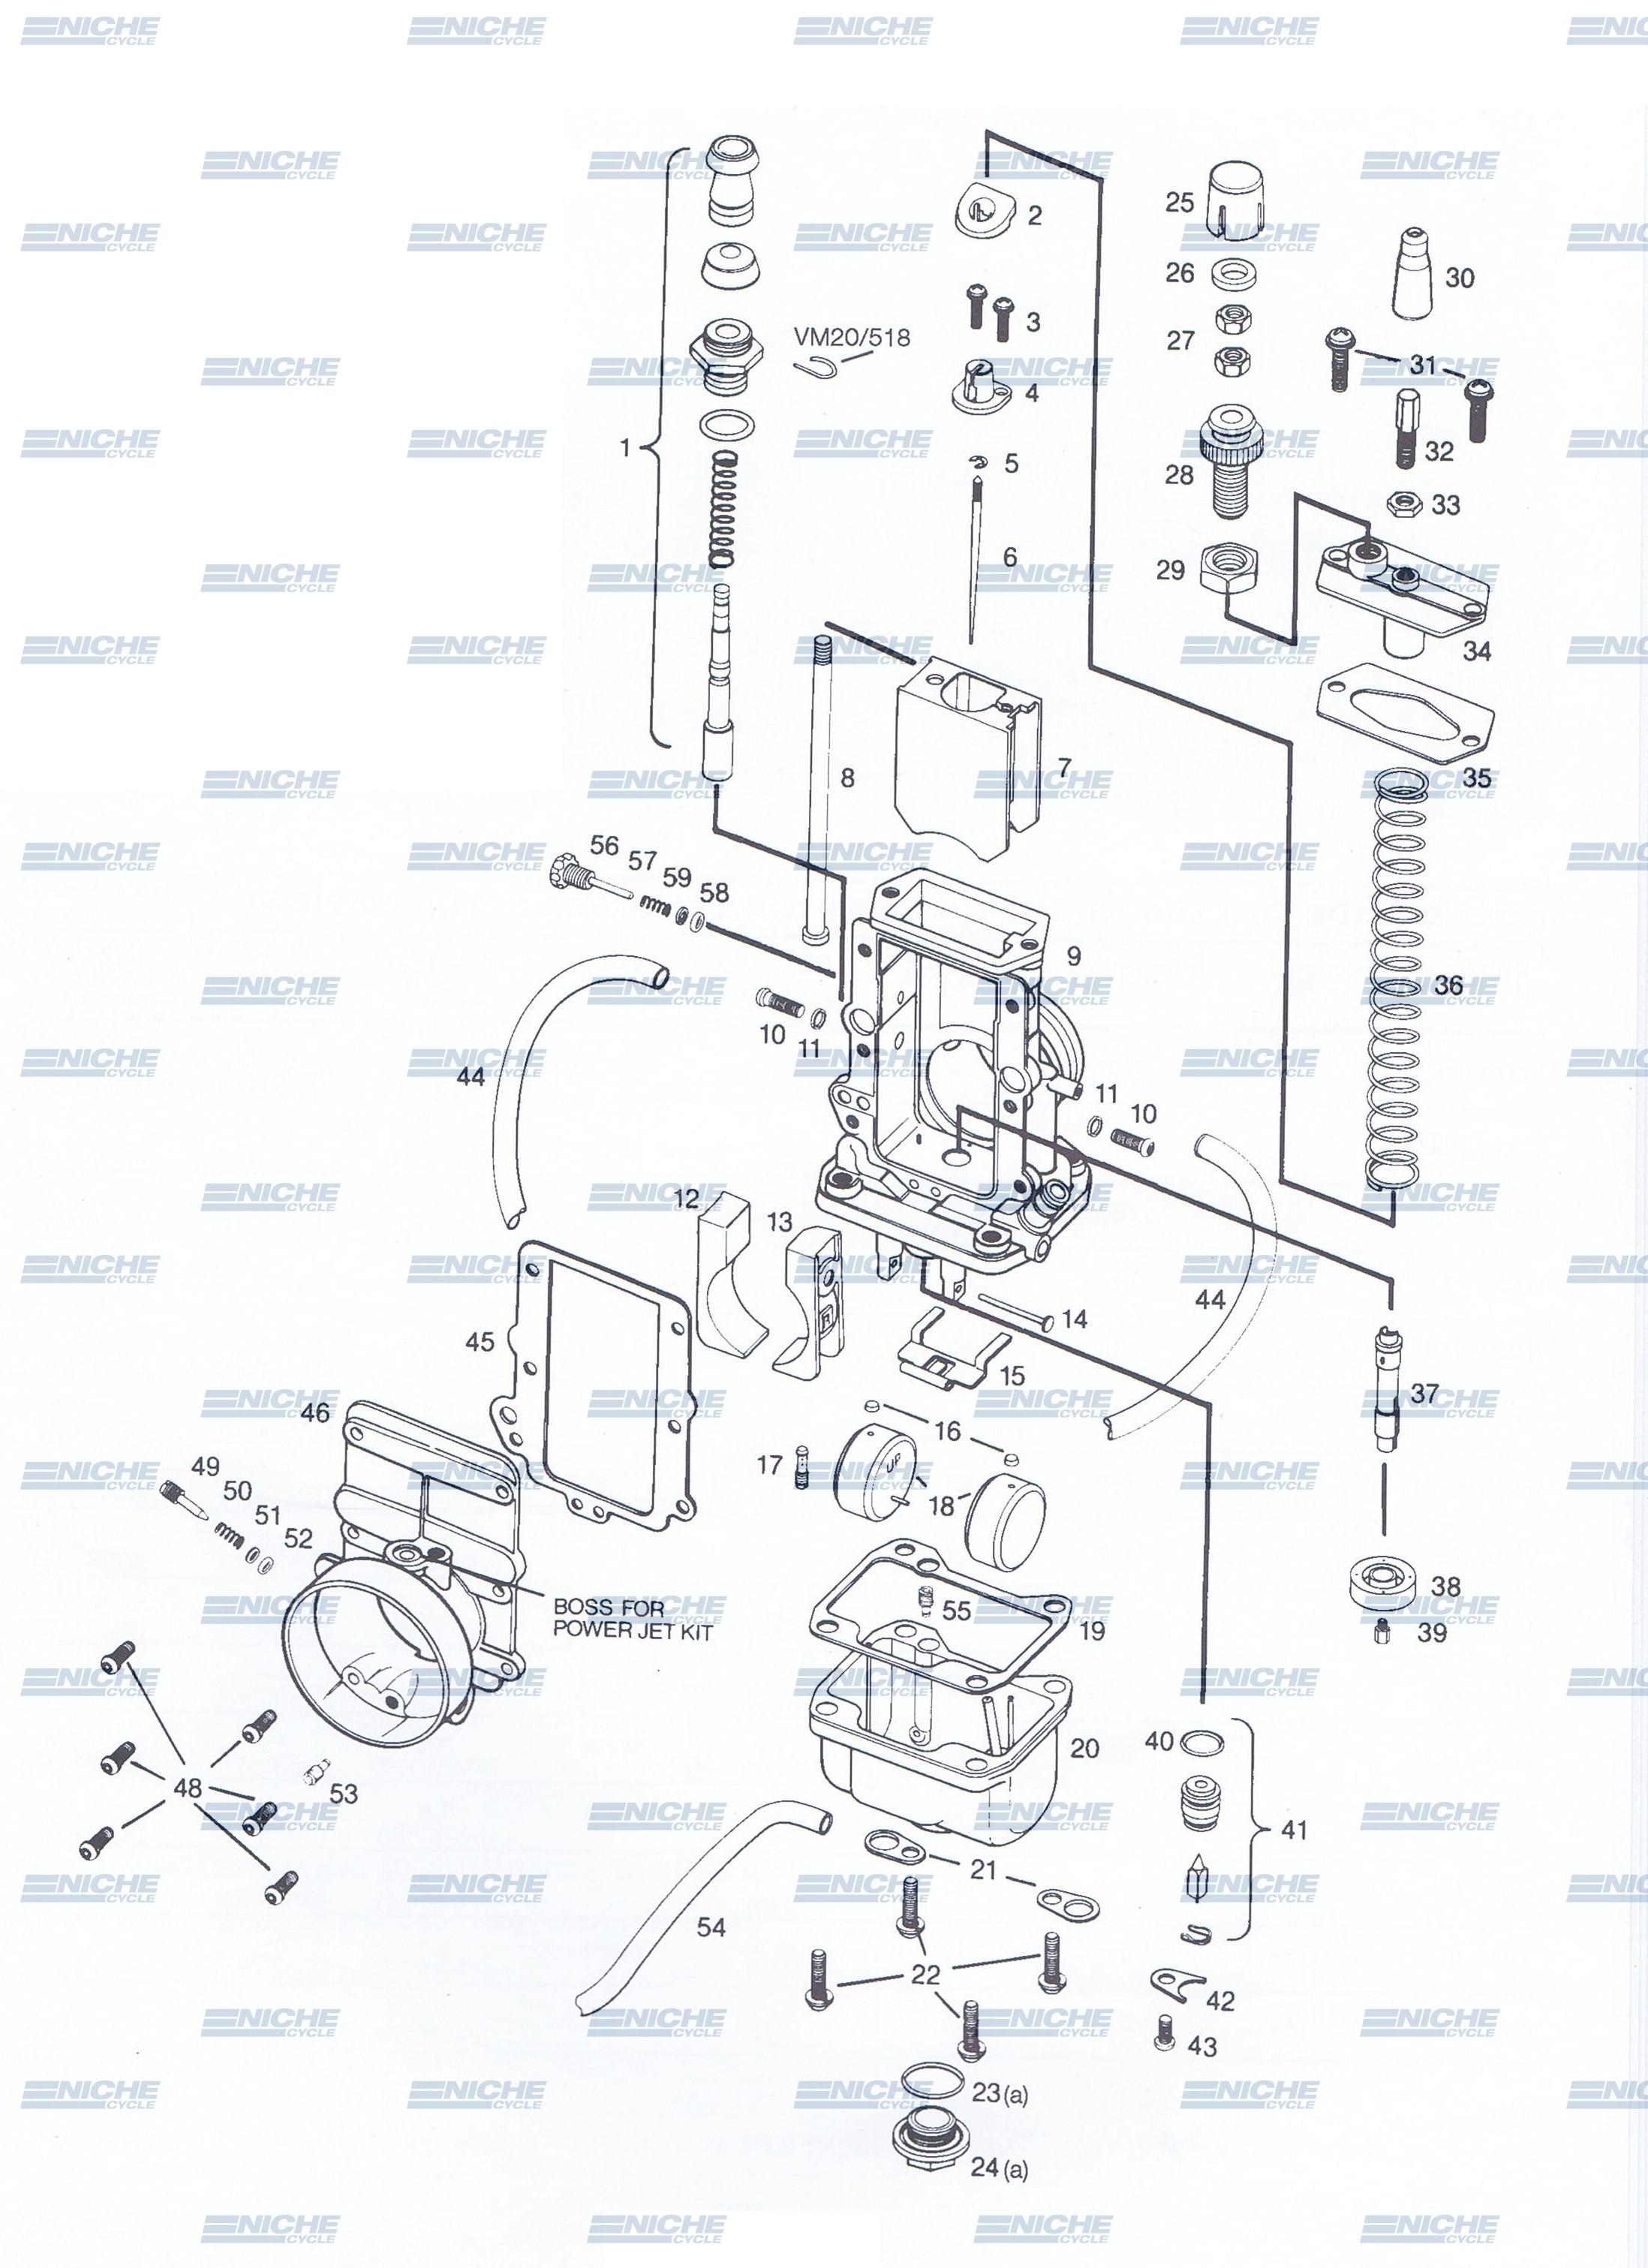 Mikuni TM38-85 Exploded View - Replacement Parts Listing TM38-85_parts_list